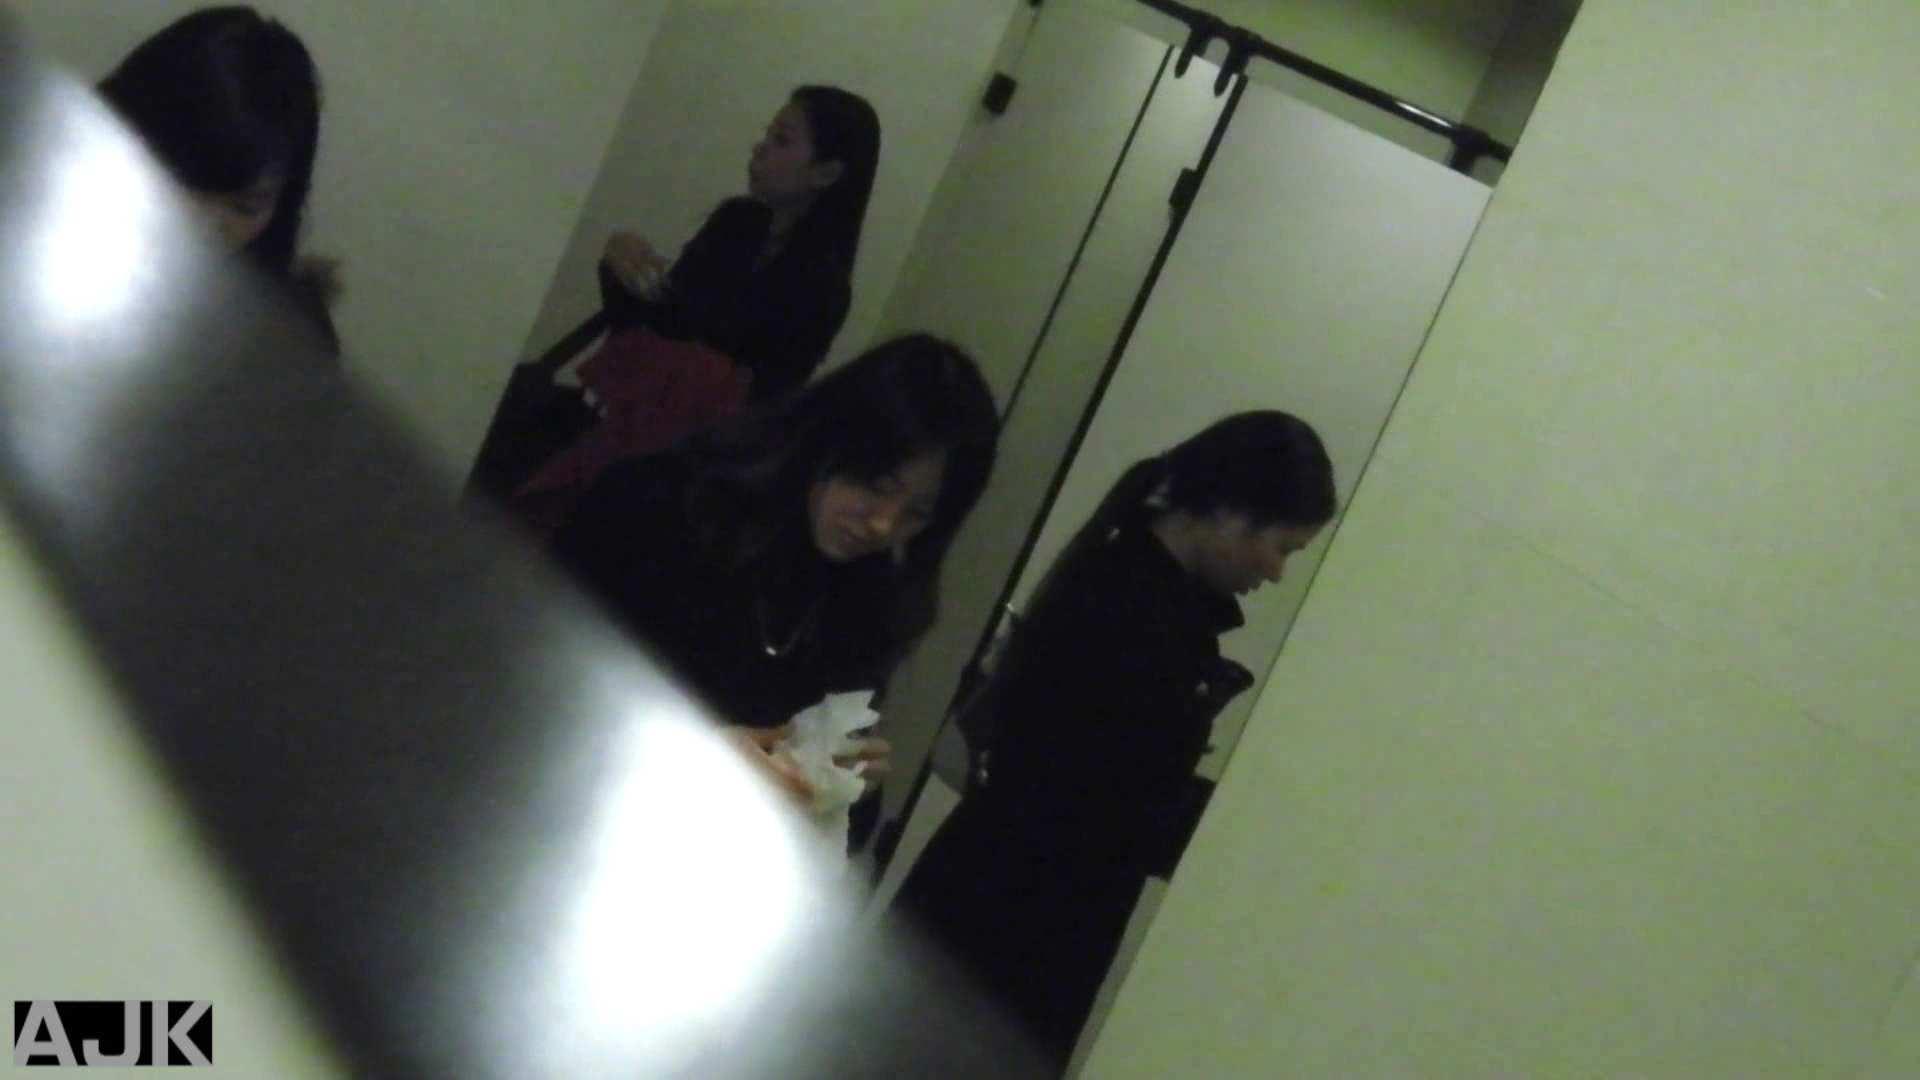 隣国上階級エリアの令嬢たちが集うデパートお手洗い Vol.20 オマンコ・ぱっくり AV無料動画キャプチャ 81画像 49